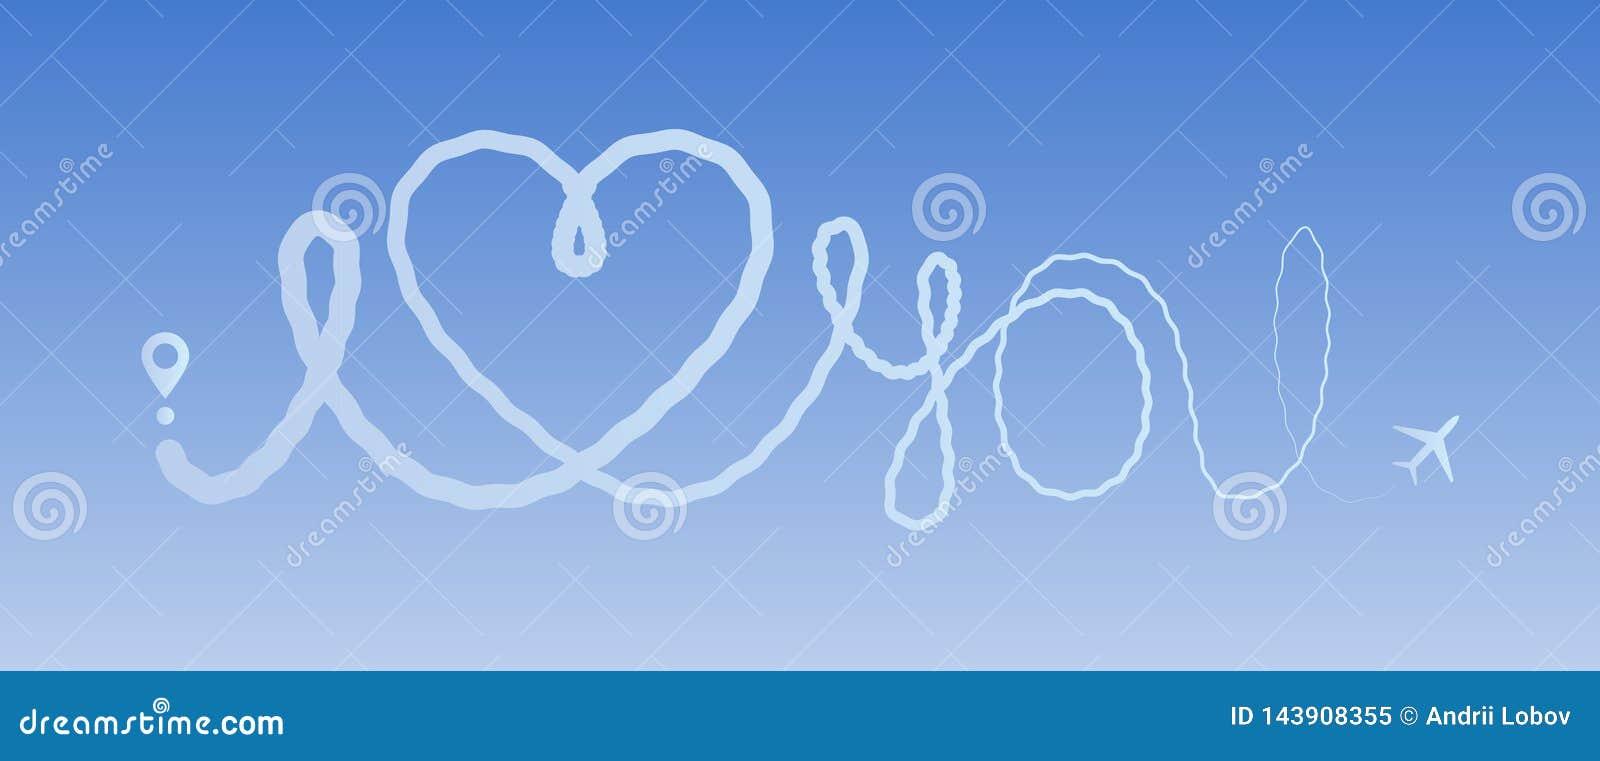 Καρδιών ταξιδιού αγάπης αεροπλάνων εγκάρδια πορεία διαδρομών αεροπλάνων ιχνών γραμμών ταξιδιού διαδρομών η ρομαντική σας αγαπά γρ